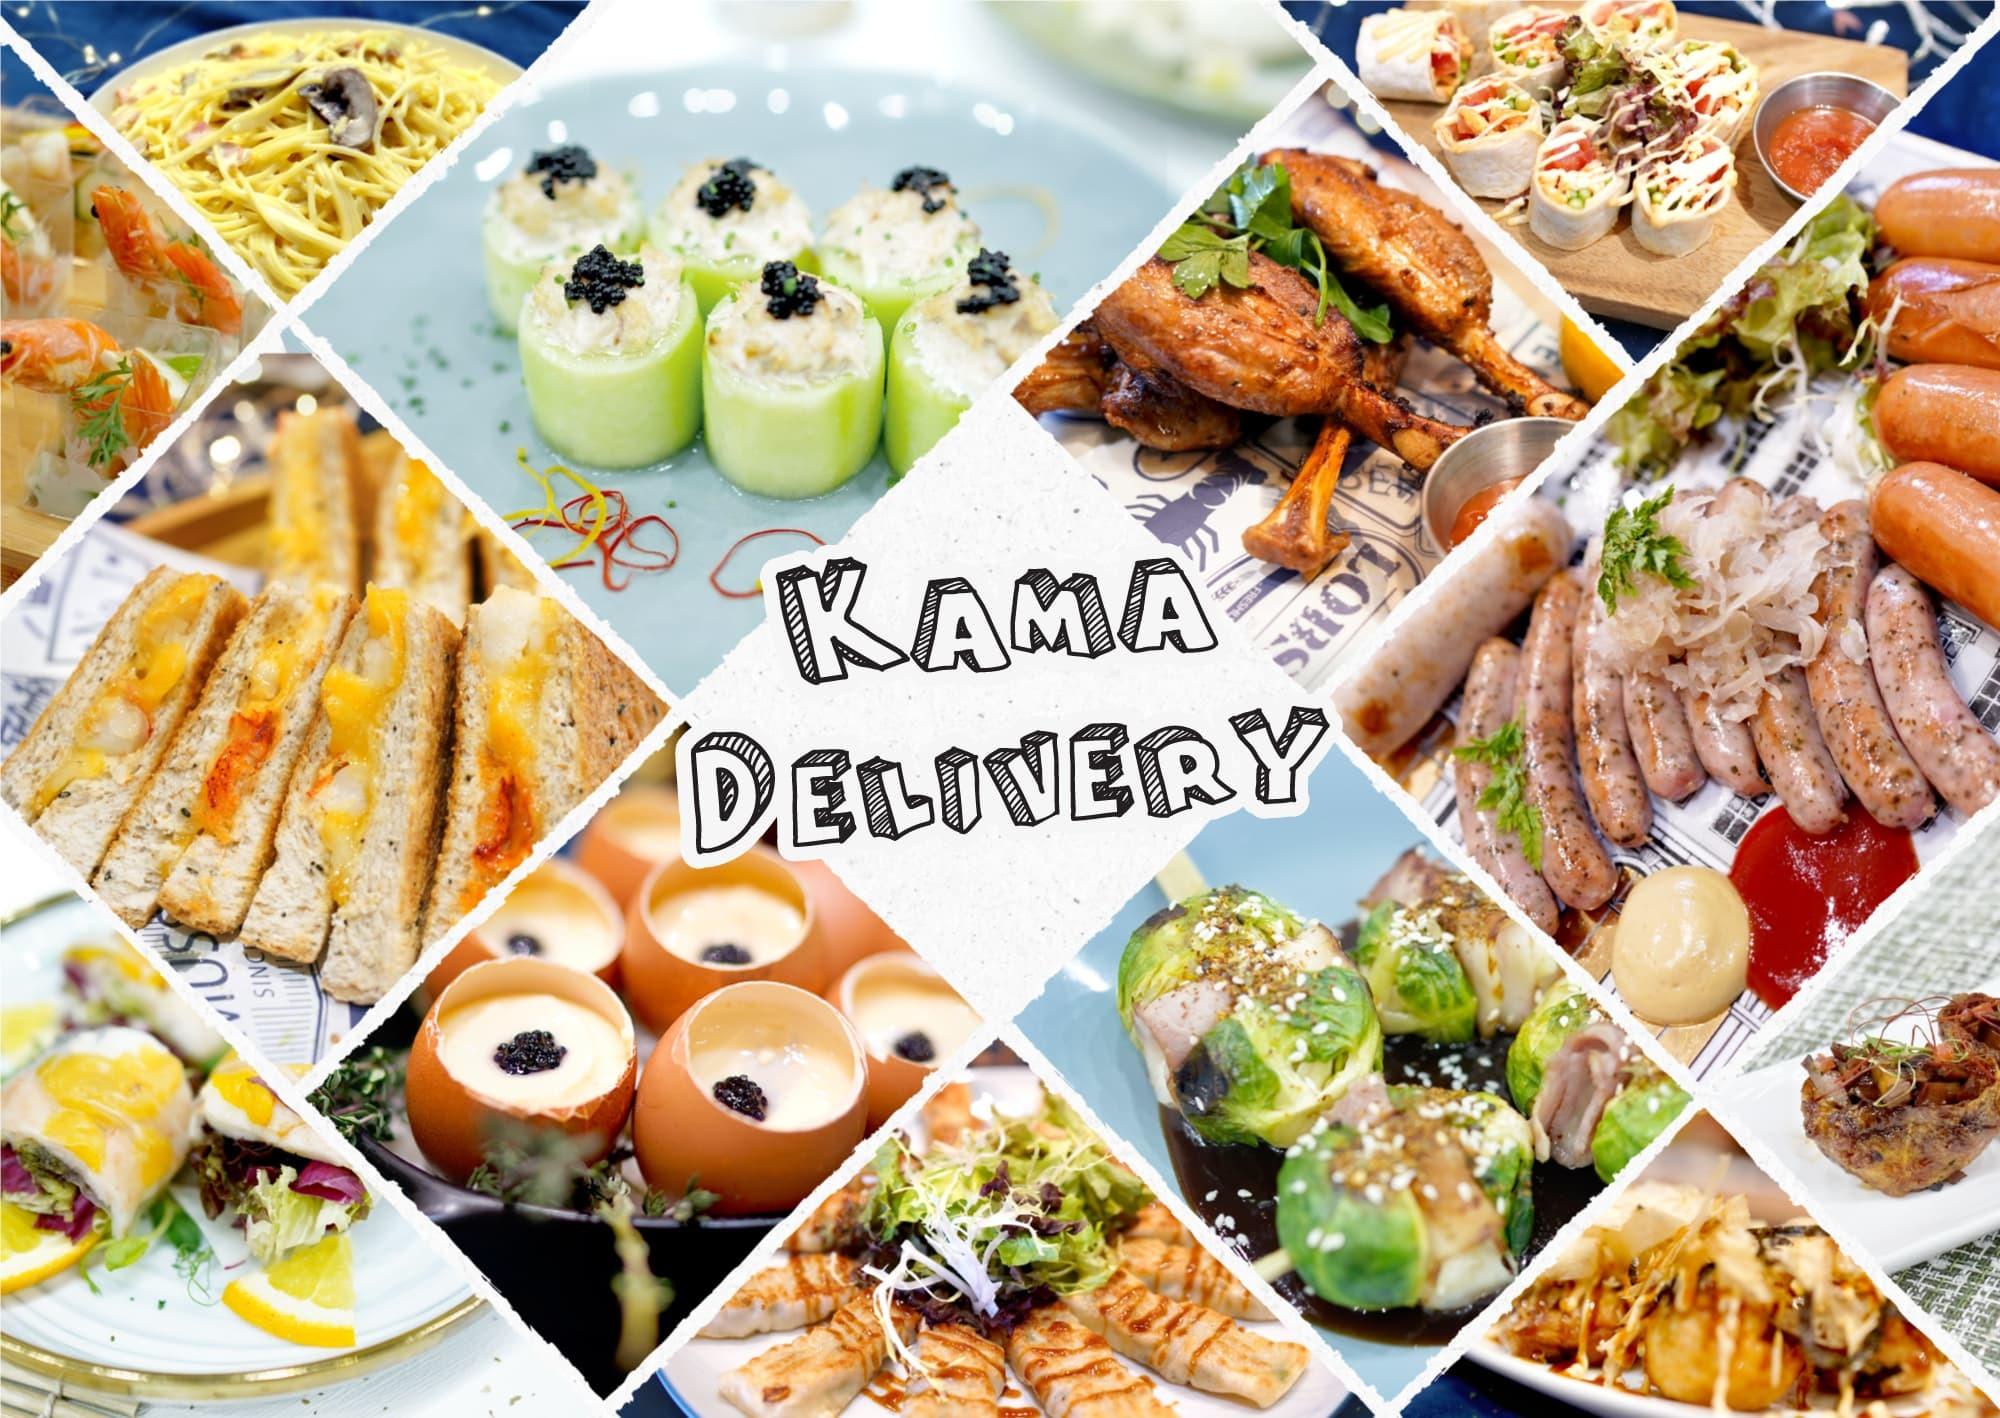 90人外賣套餐預訂 Kama Delivery為大型Party製作各款西式食品,並可為你的派對度身訂造個性化Menu及按人數調整食物份量。